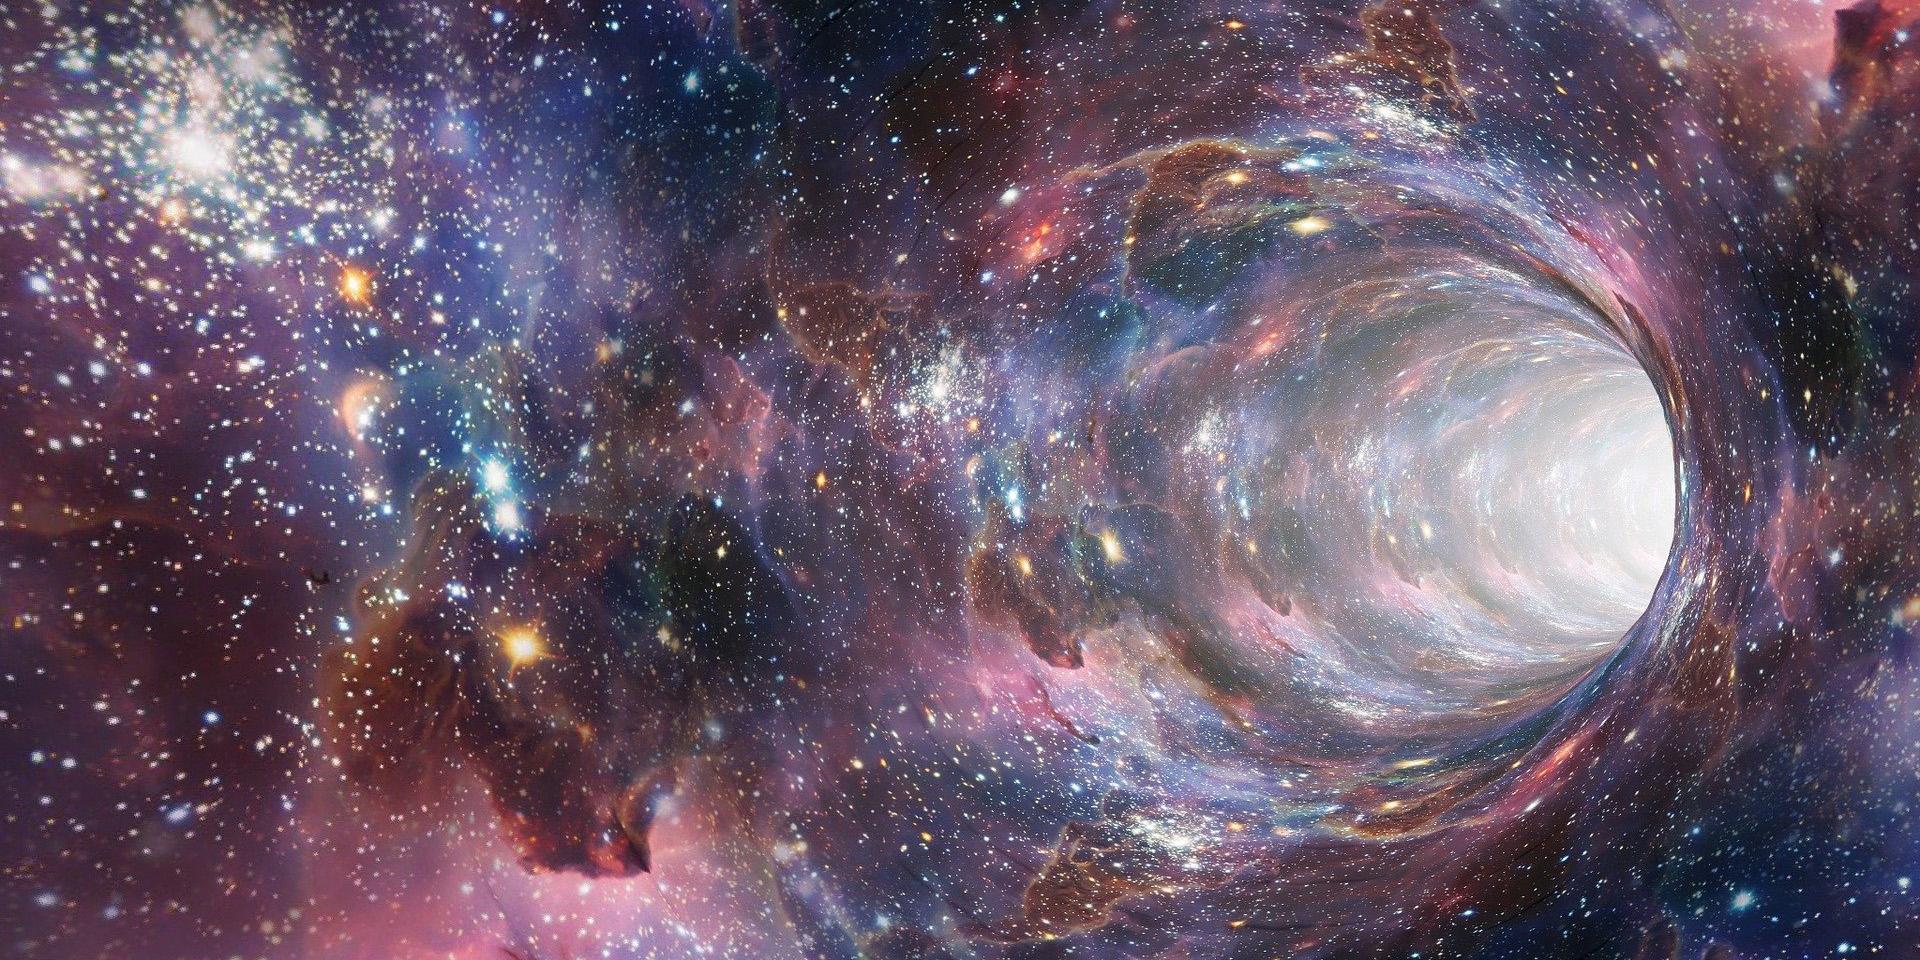 Холодный Кофе: Вселенная хочет что-то сказать